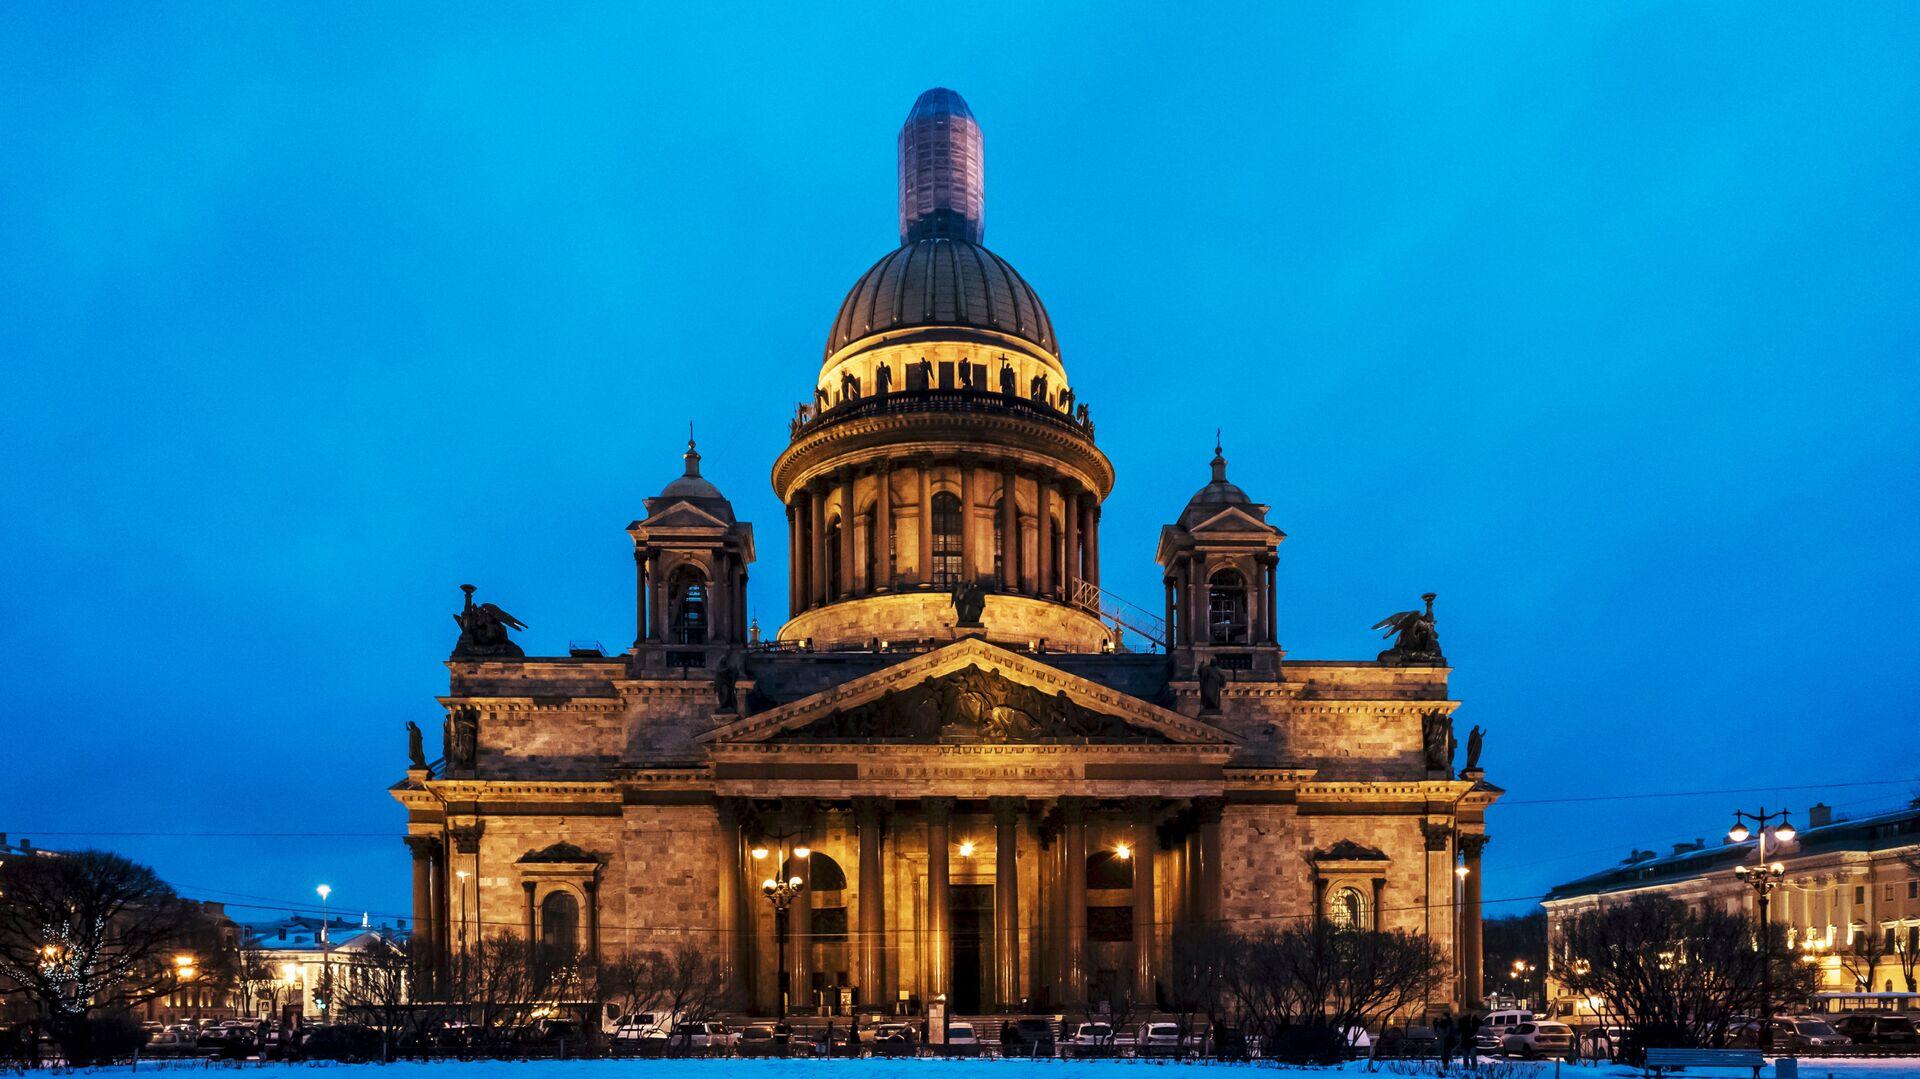 Исаакиевский собор в Санкт-Петербурге - РИА Новости, 1920, 05.03.2020